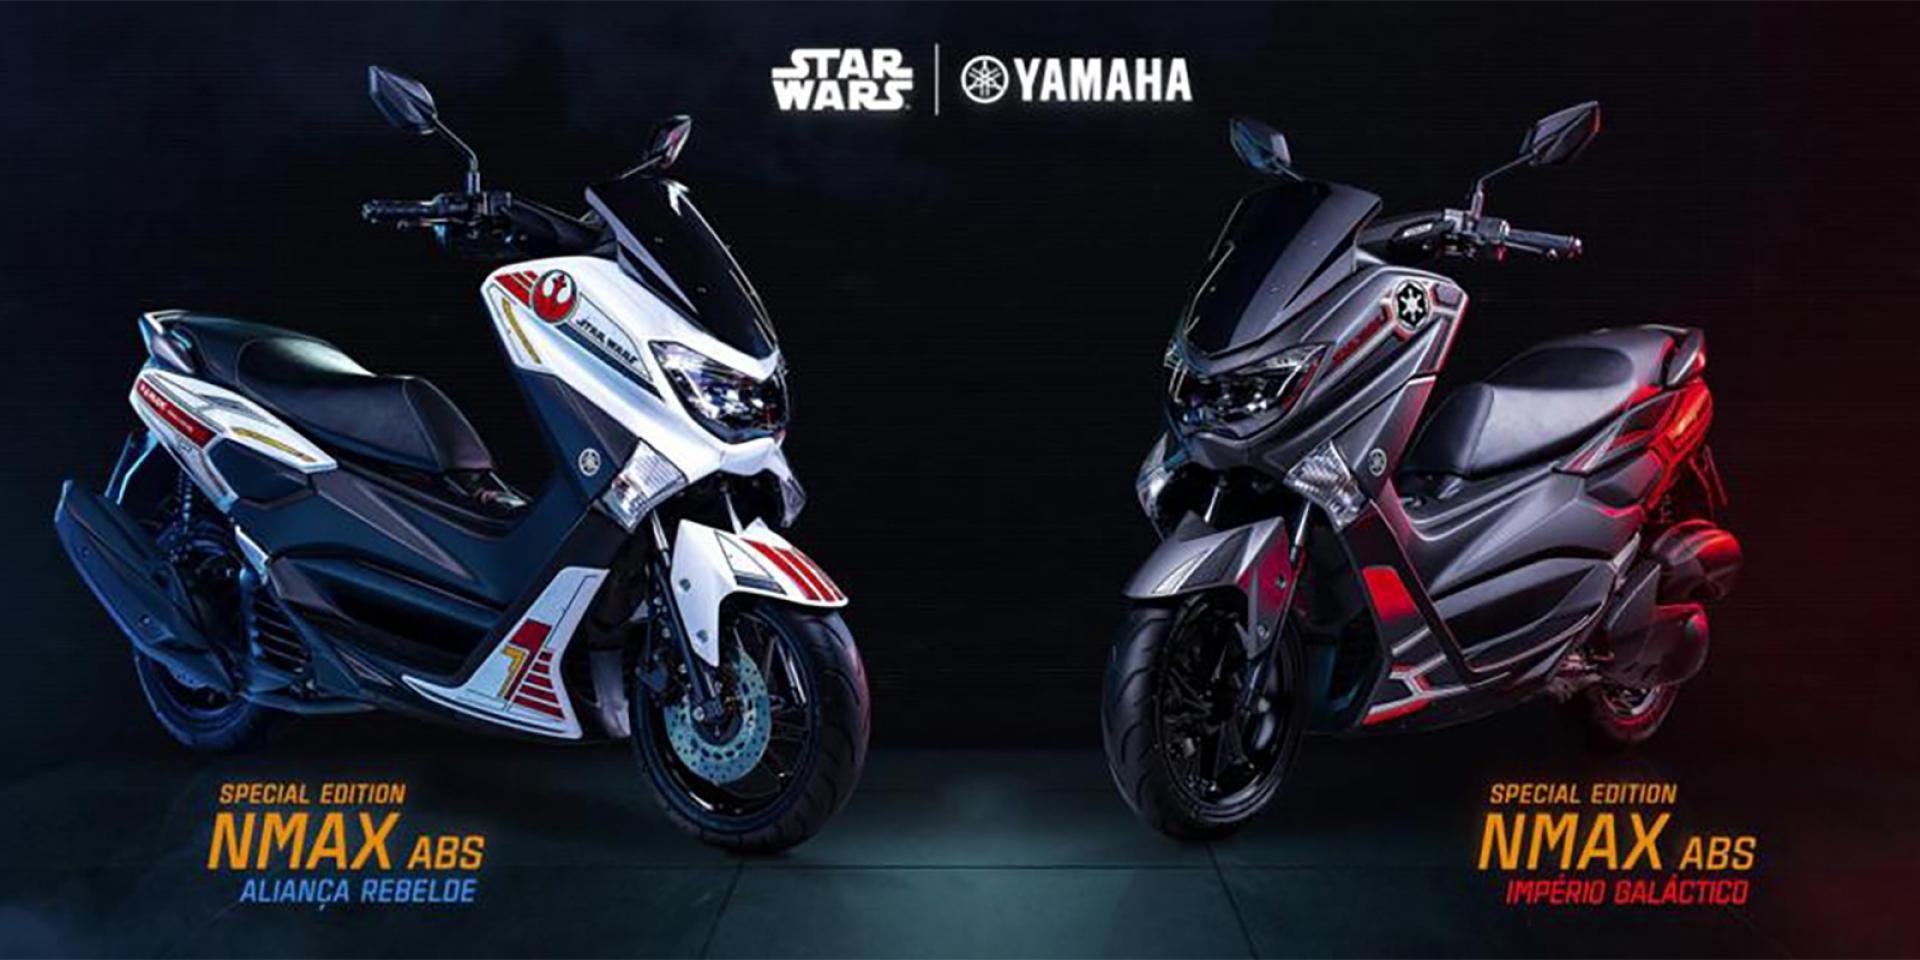 星戰特仕版!YAMAHA巴西推出Nmax 155星際大戰特仕塗裝